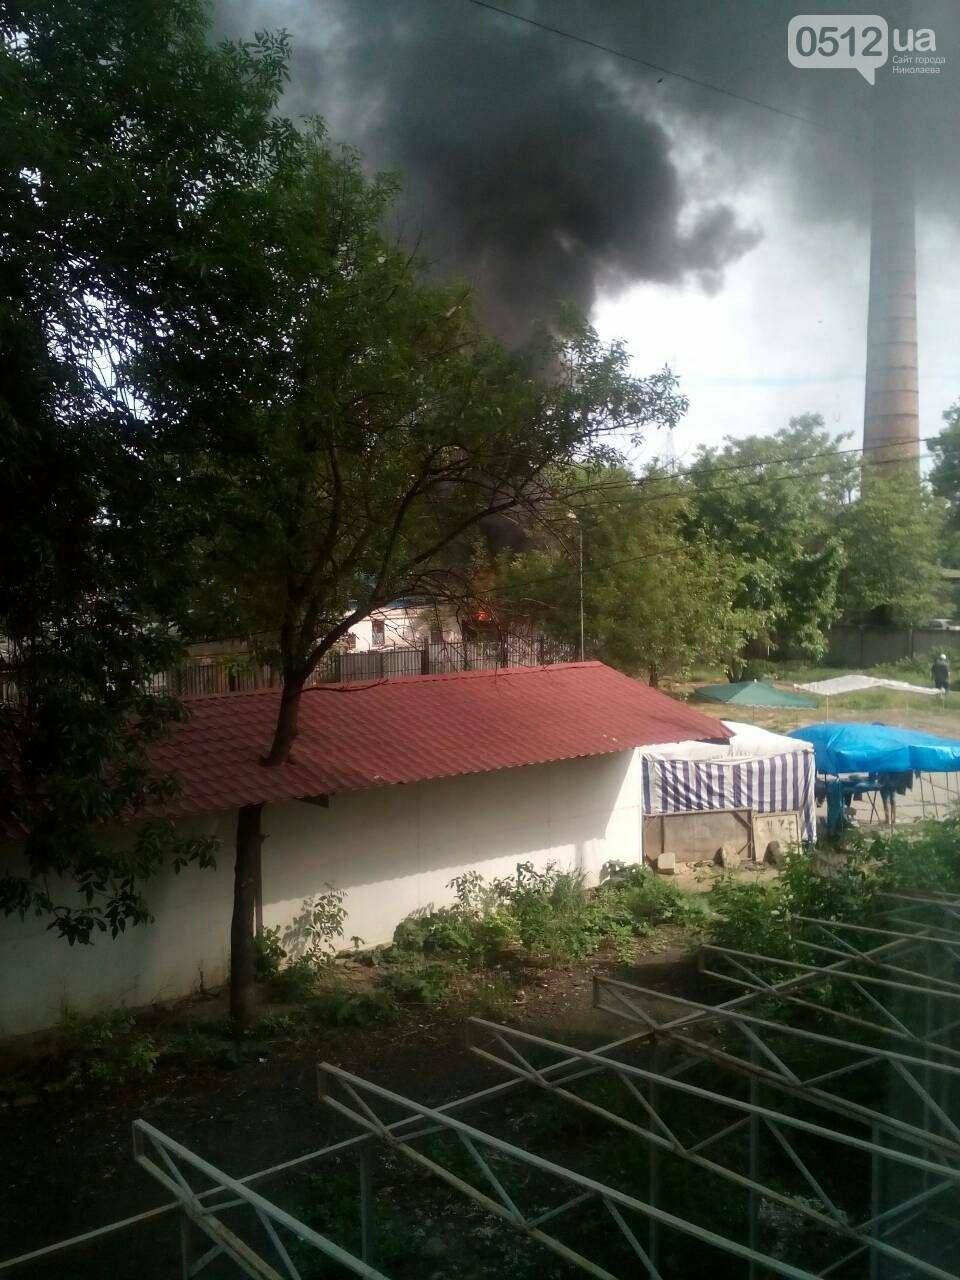 """В Николаеве на рынке """"Колос"""" горели деревянные ящики: огонь начал распространятся, - ФОТО, ВИДЕО, фото-5"""